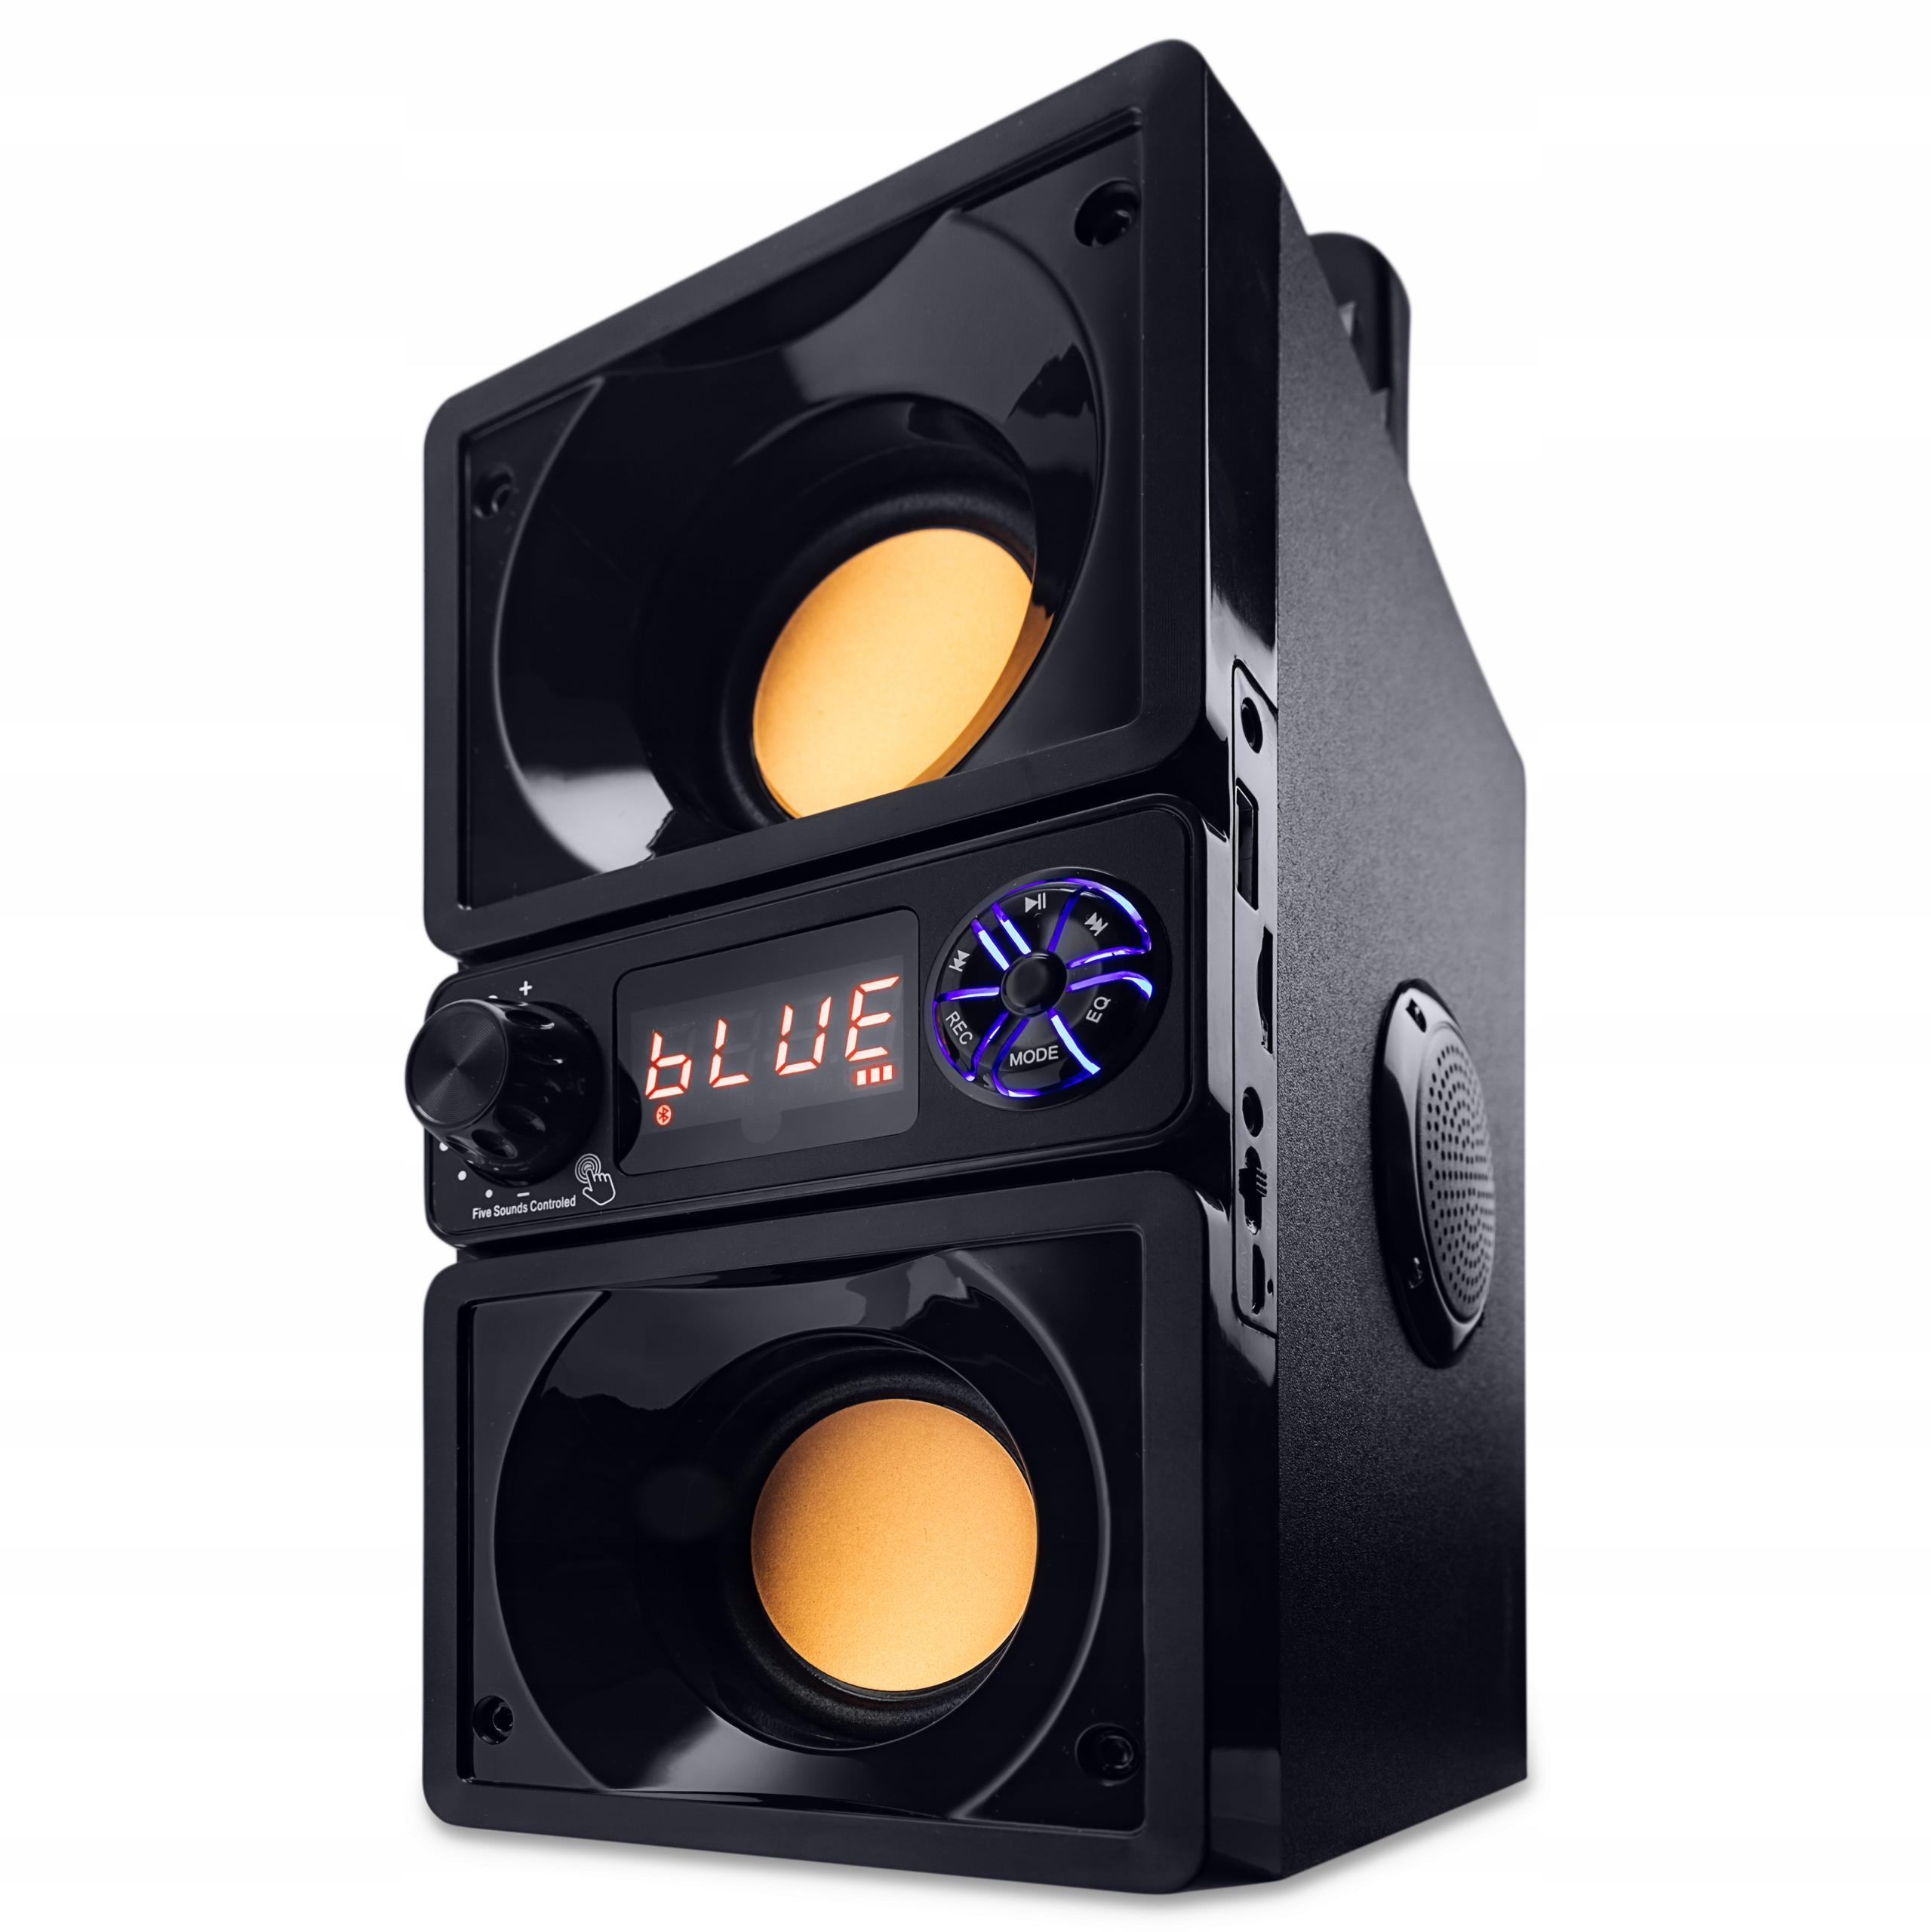 RADIO FM PRZENOŚNE Z ODTWARZACZ MP3 USB SD BT 650W